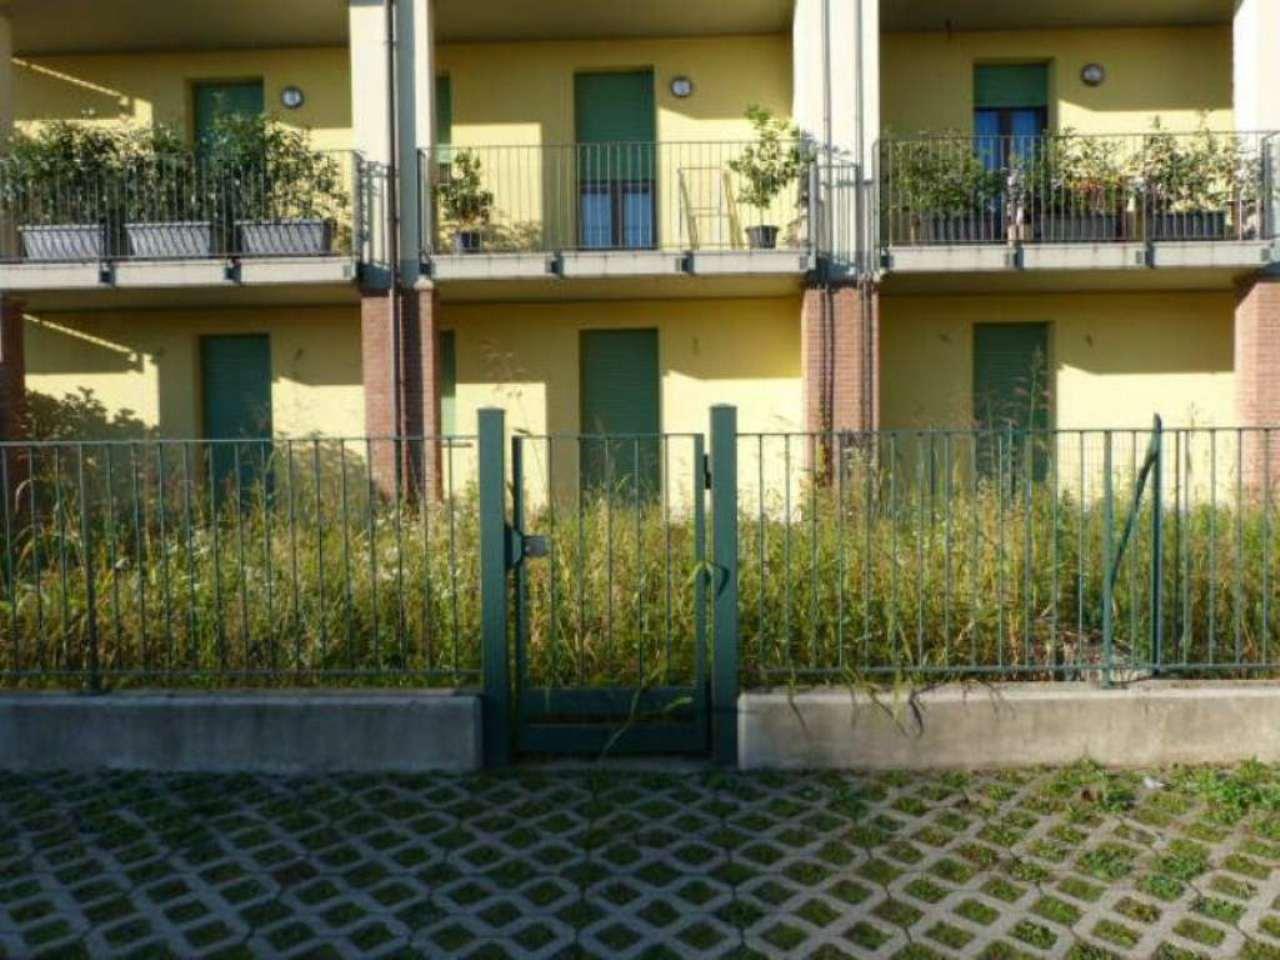 1e53f517c Bilocale Busto Arsizio Vendita € 99.000 62 mq riscaldamento autonomo ...